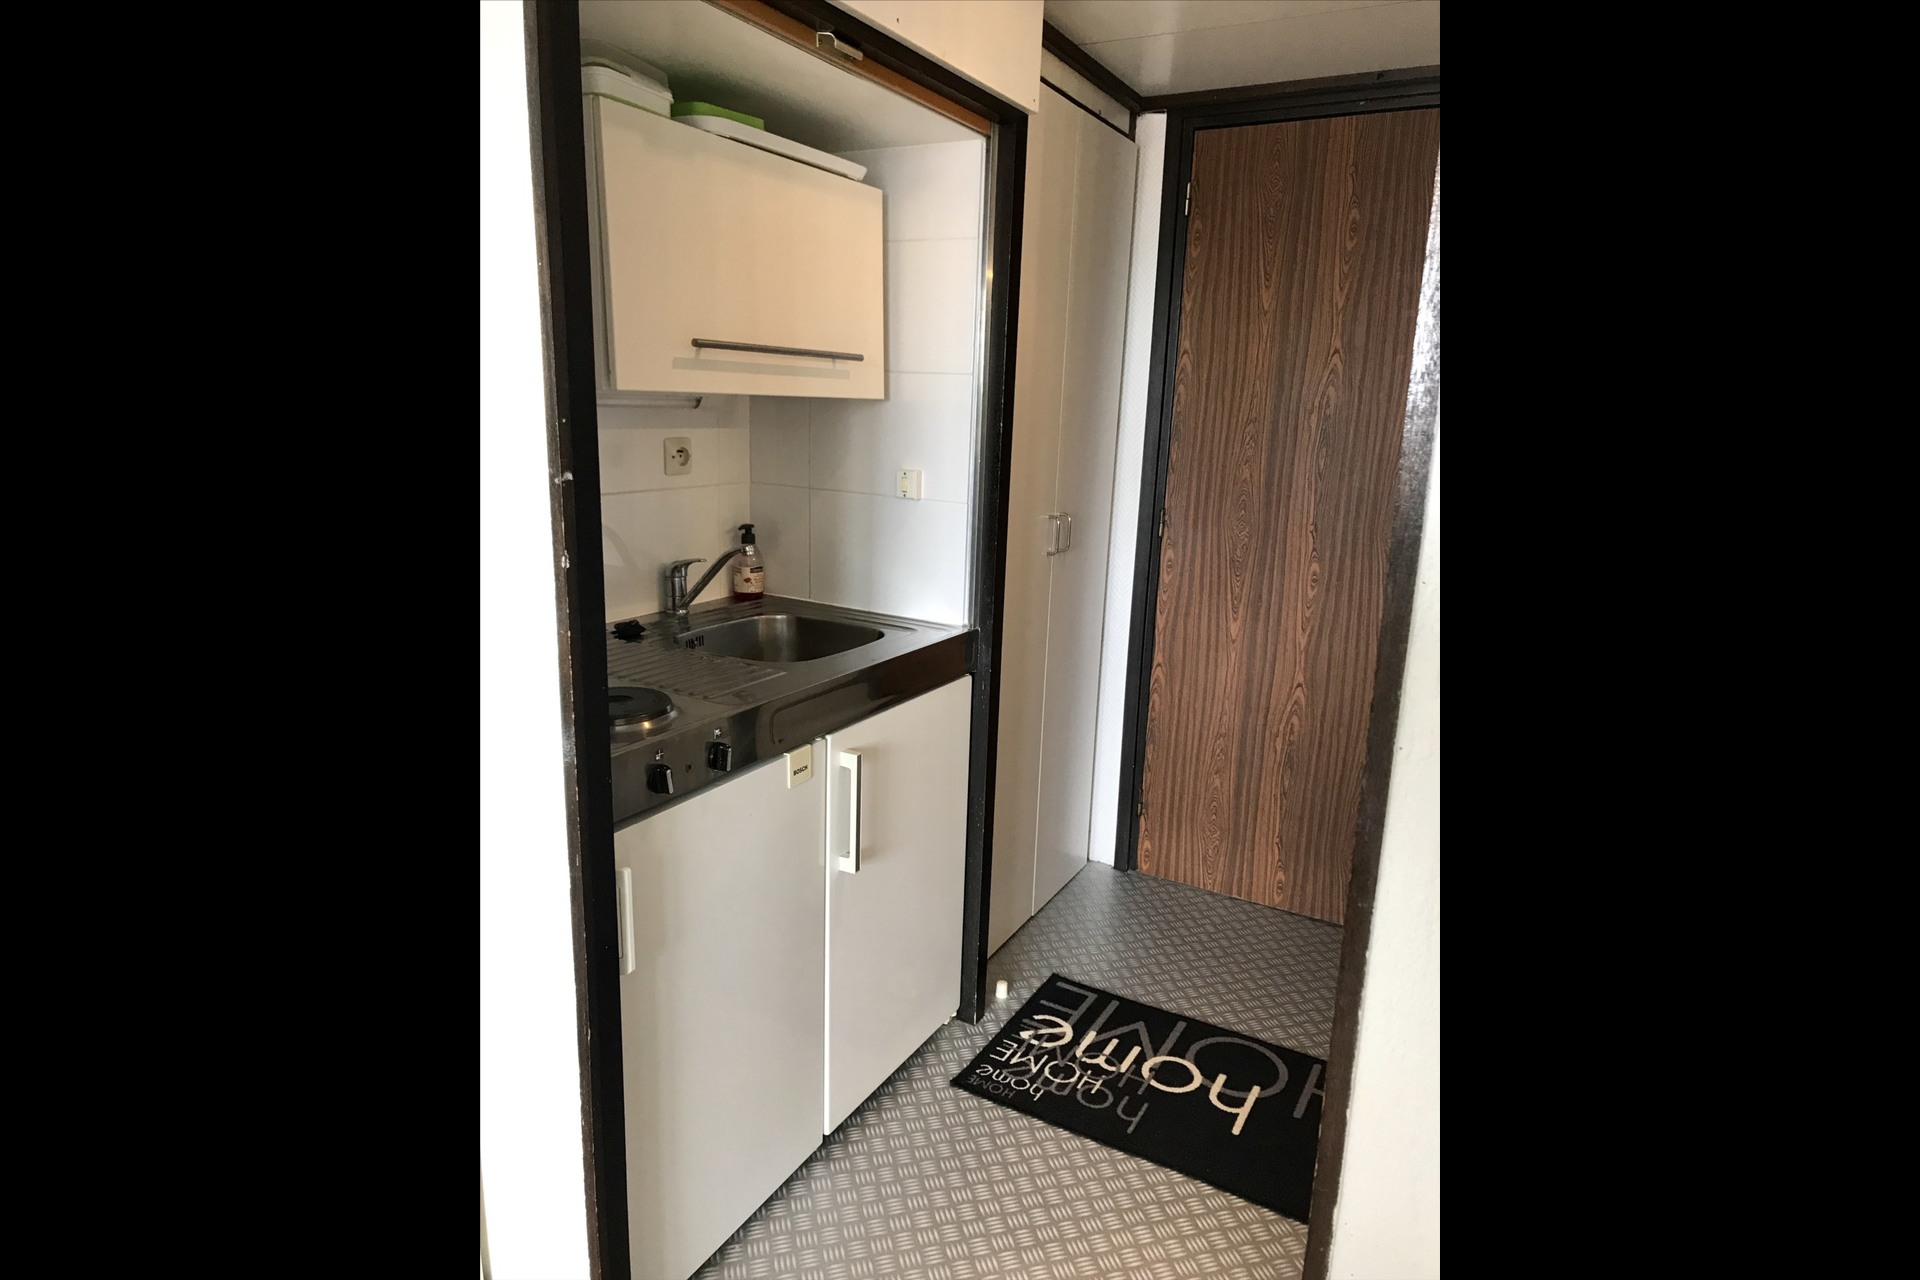 image 1 - Appartement À louer VANDOEUVRE-LES-NANCY VANDOEUVRE  BRABOIS